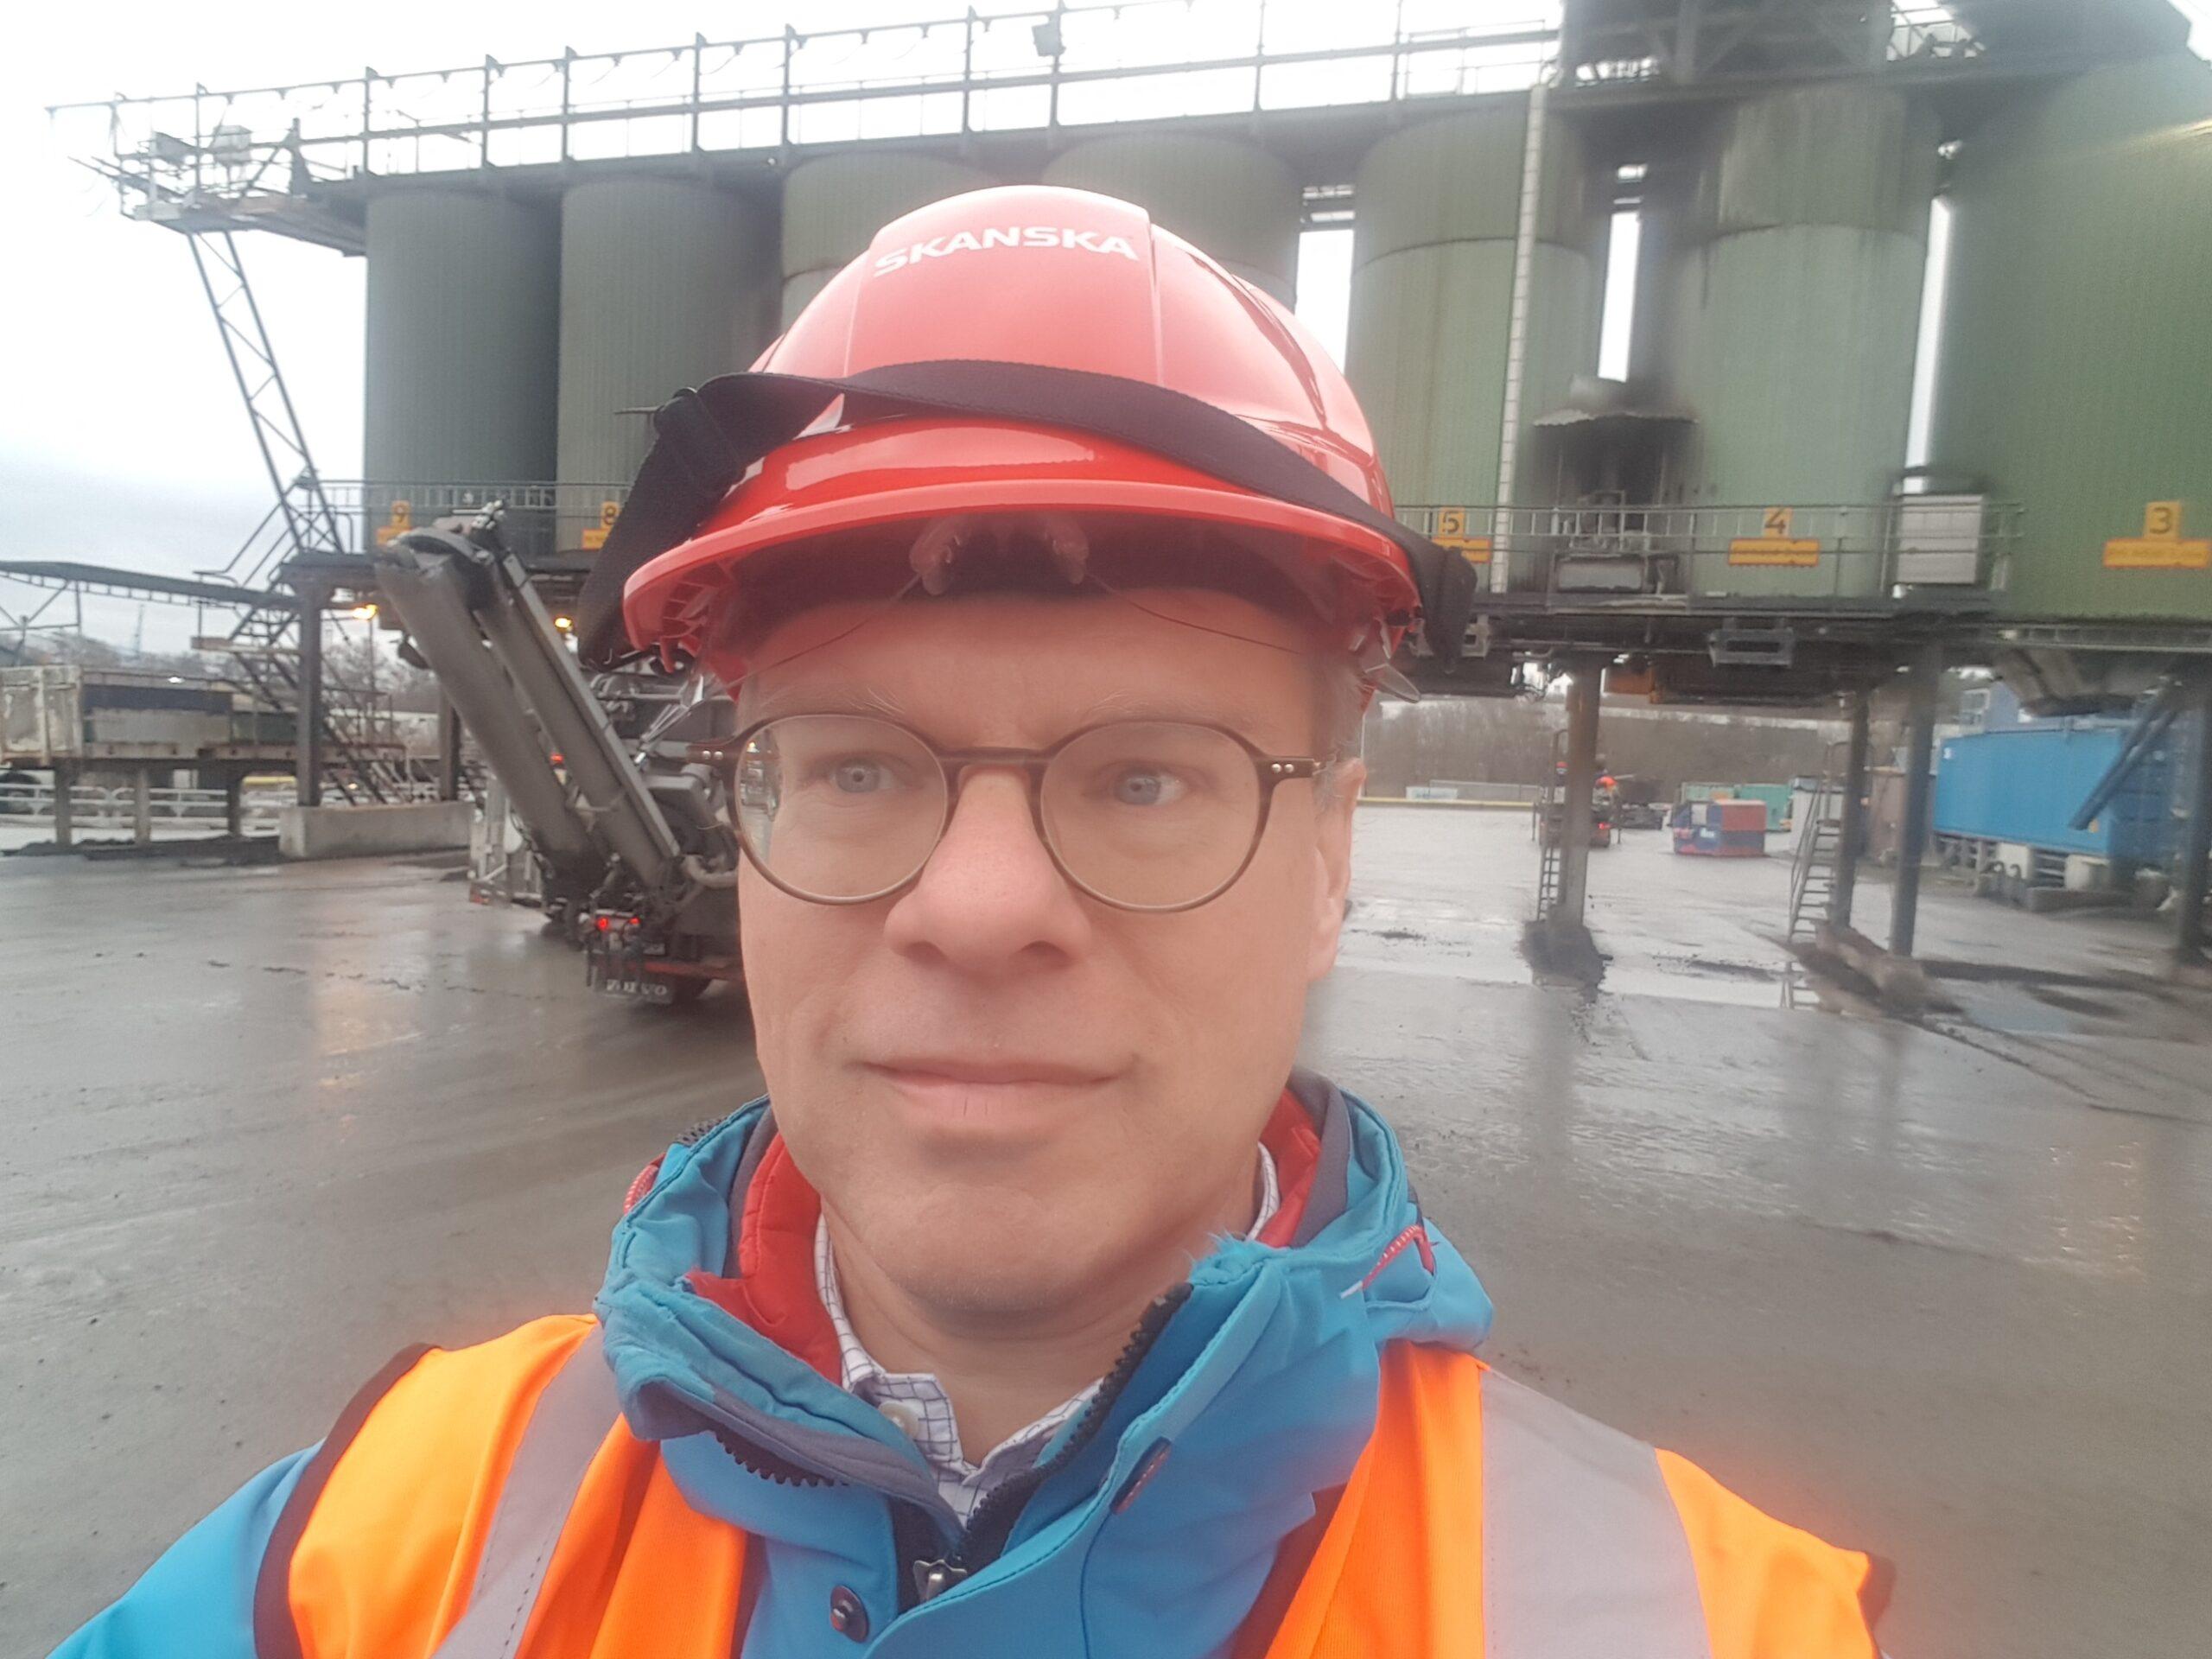 Jakob Axelsson iförd skyddshjälm på en anläggning